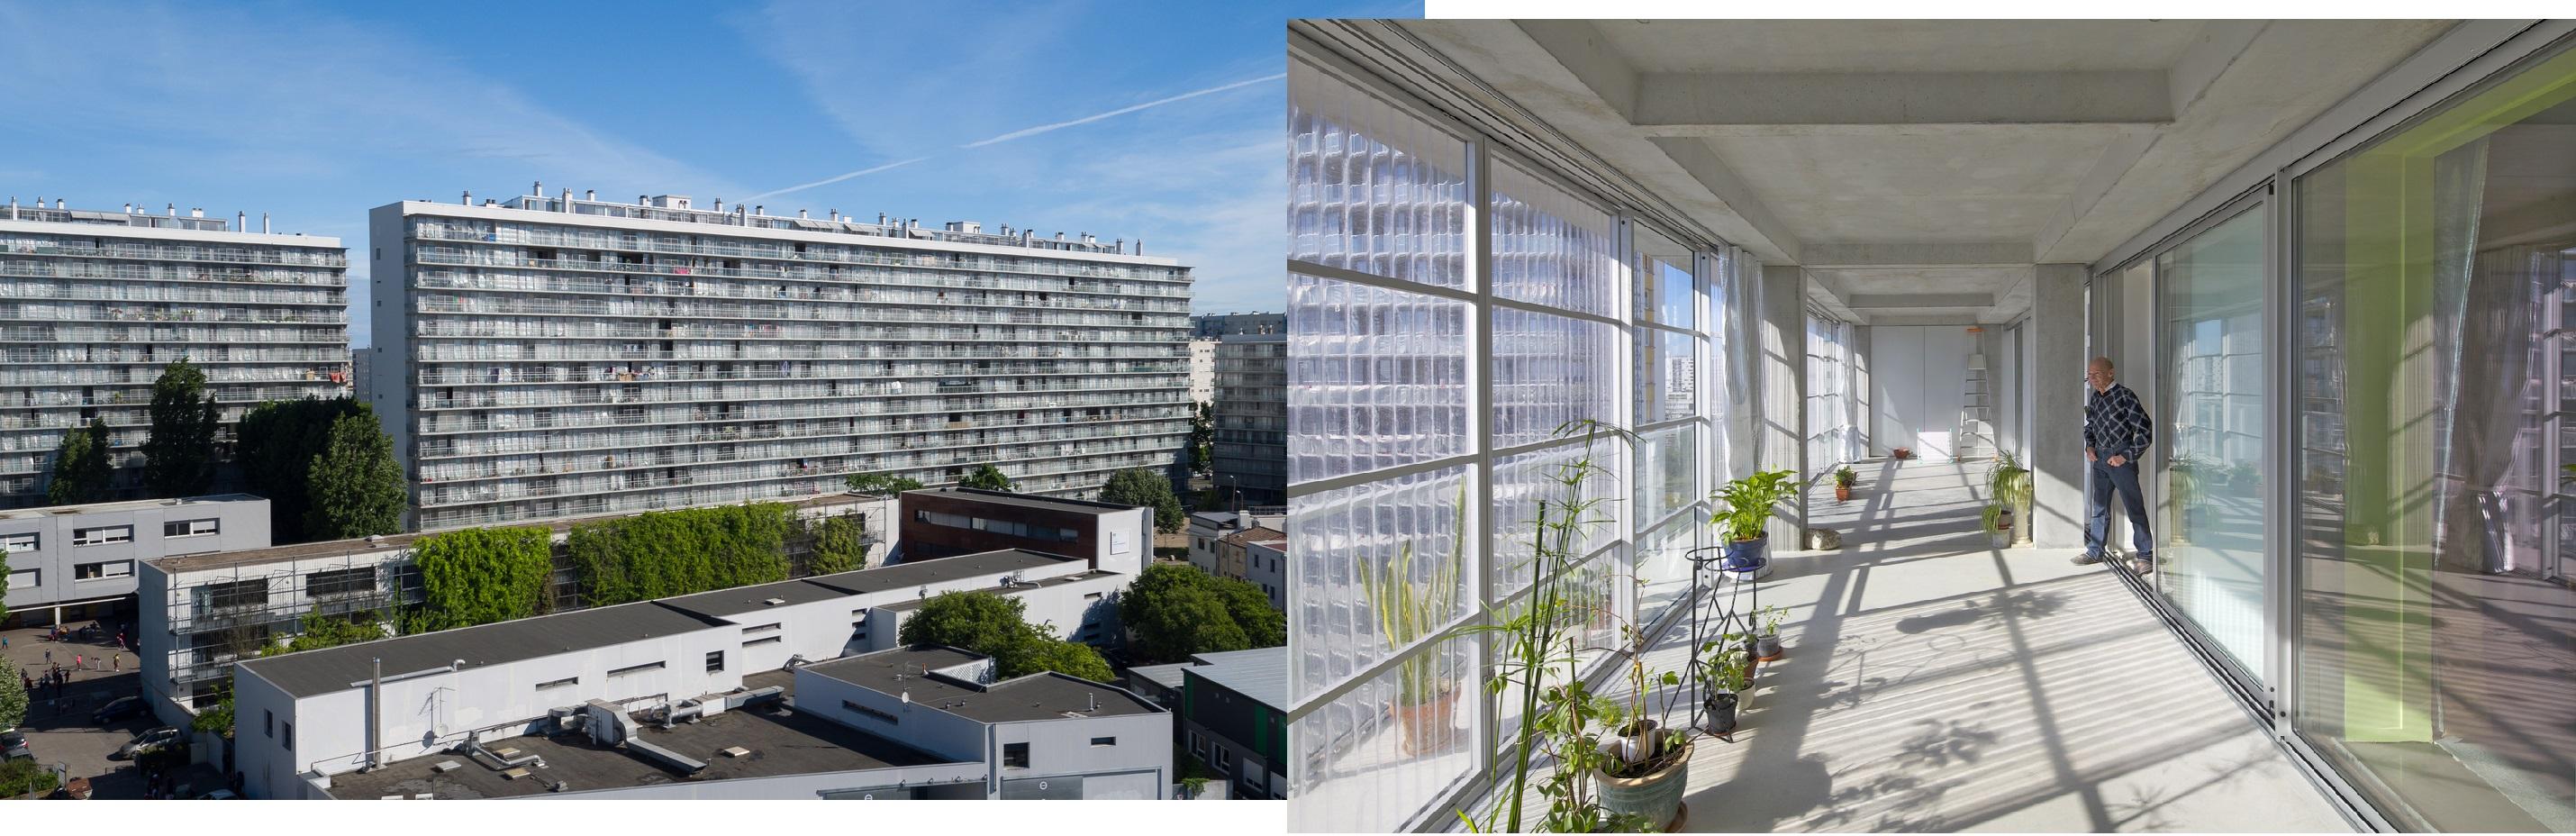 Реставрация здания в Гранд-парке, Бордо, фото: официальный сайт архитектурного бюро Lacaton & Vassal